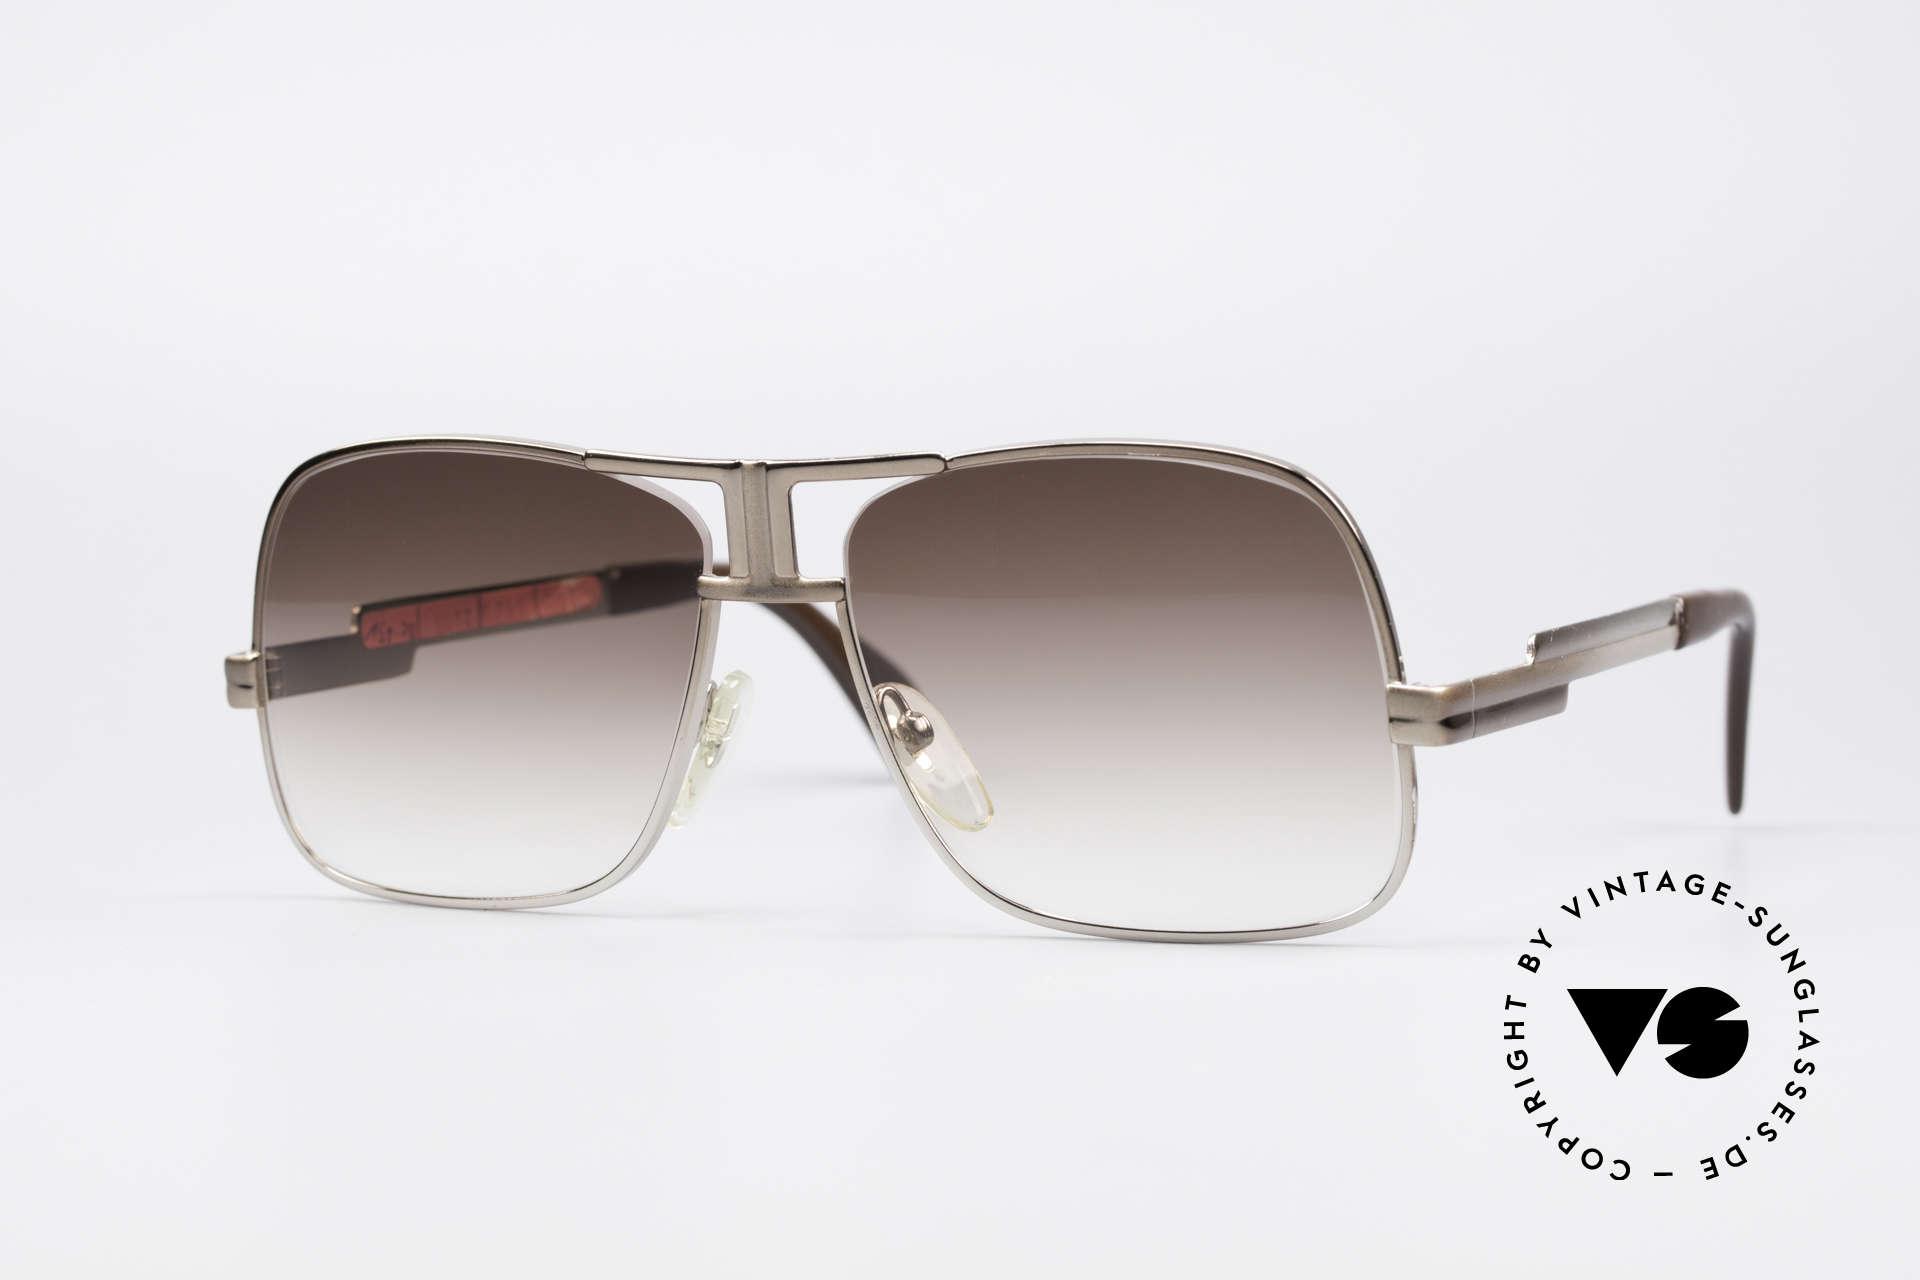 Cazal 701 Ultra Seltene 70er Sonnenbrille, extrem seltene Cazal Sonnenbrille der späten 1970er, Passend für Herren